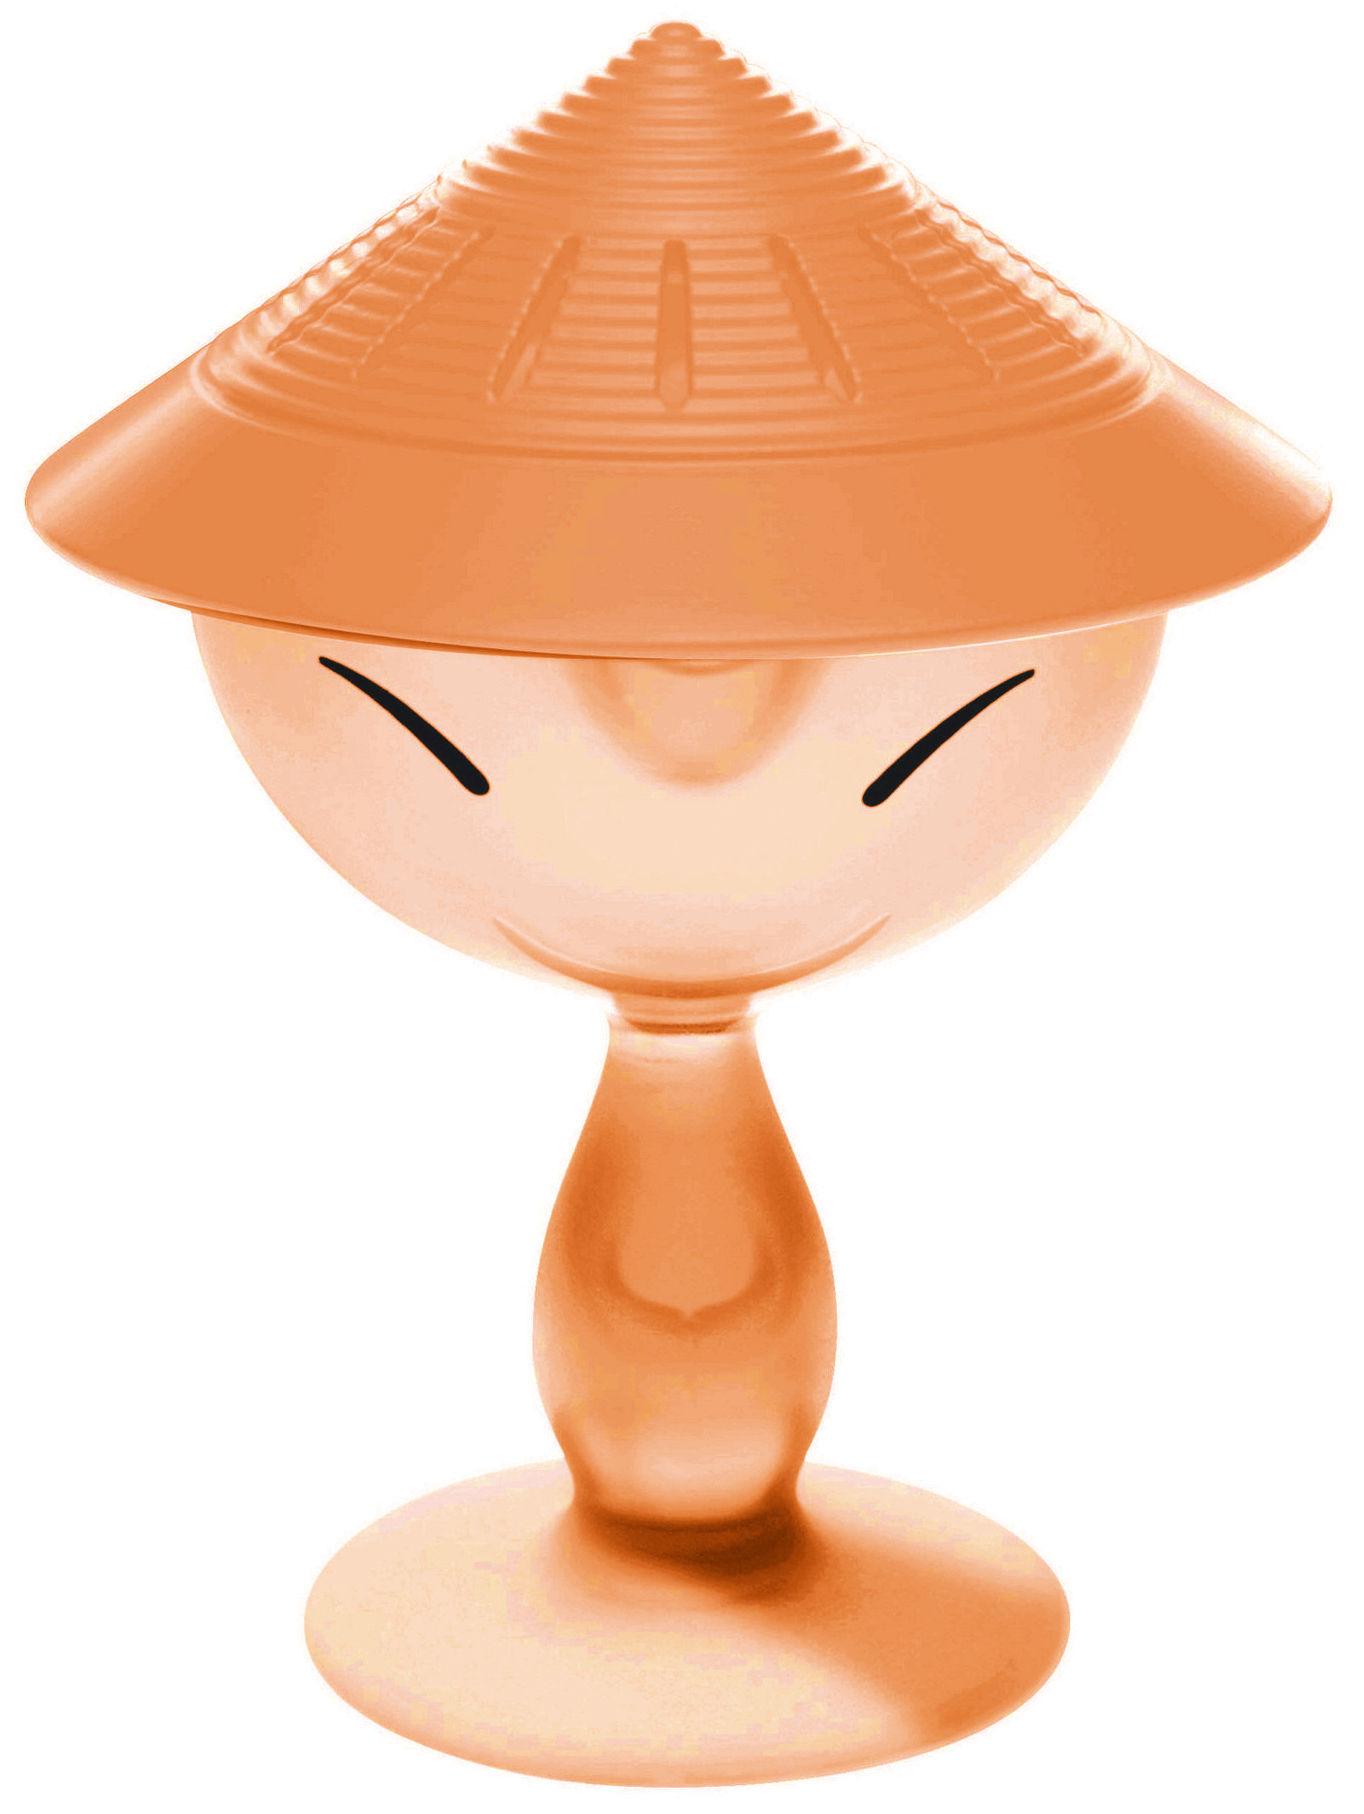 Cucina - Fun in the Kitchen - Spremiagrumi Mandarin di A di Alessi - Arancione - Resina termoplastica